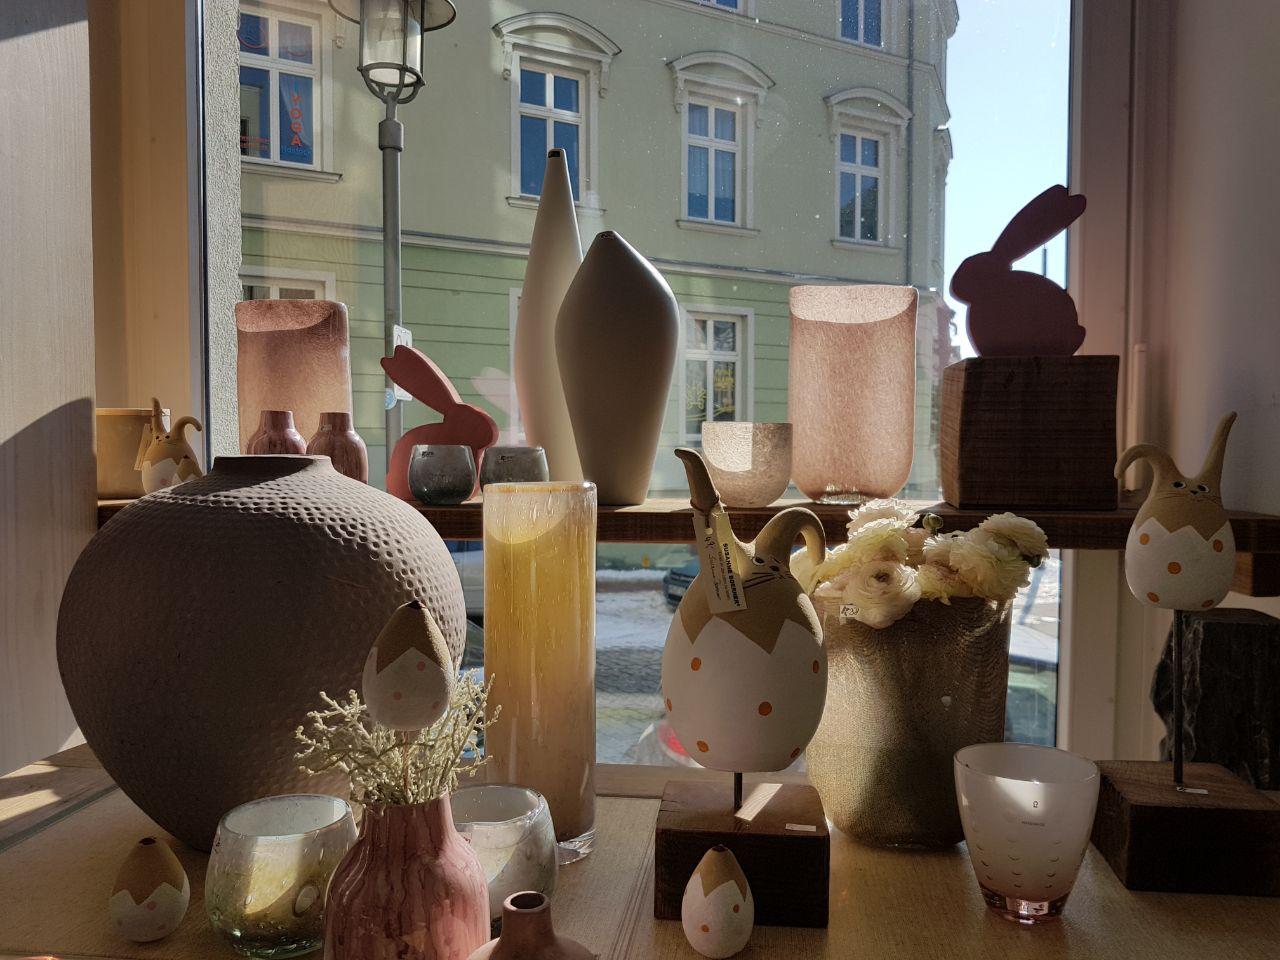 Dekoration zu Ostern 2018